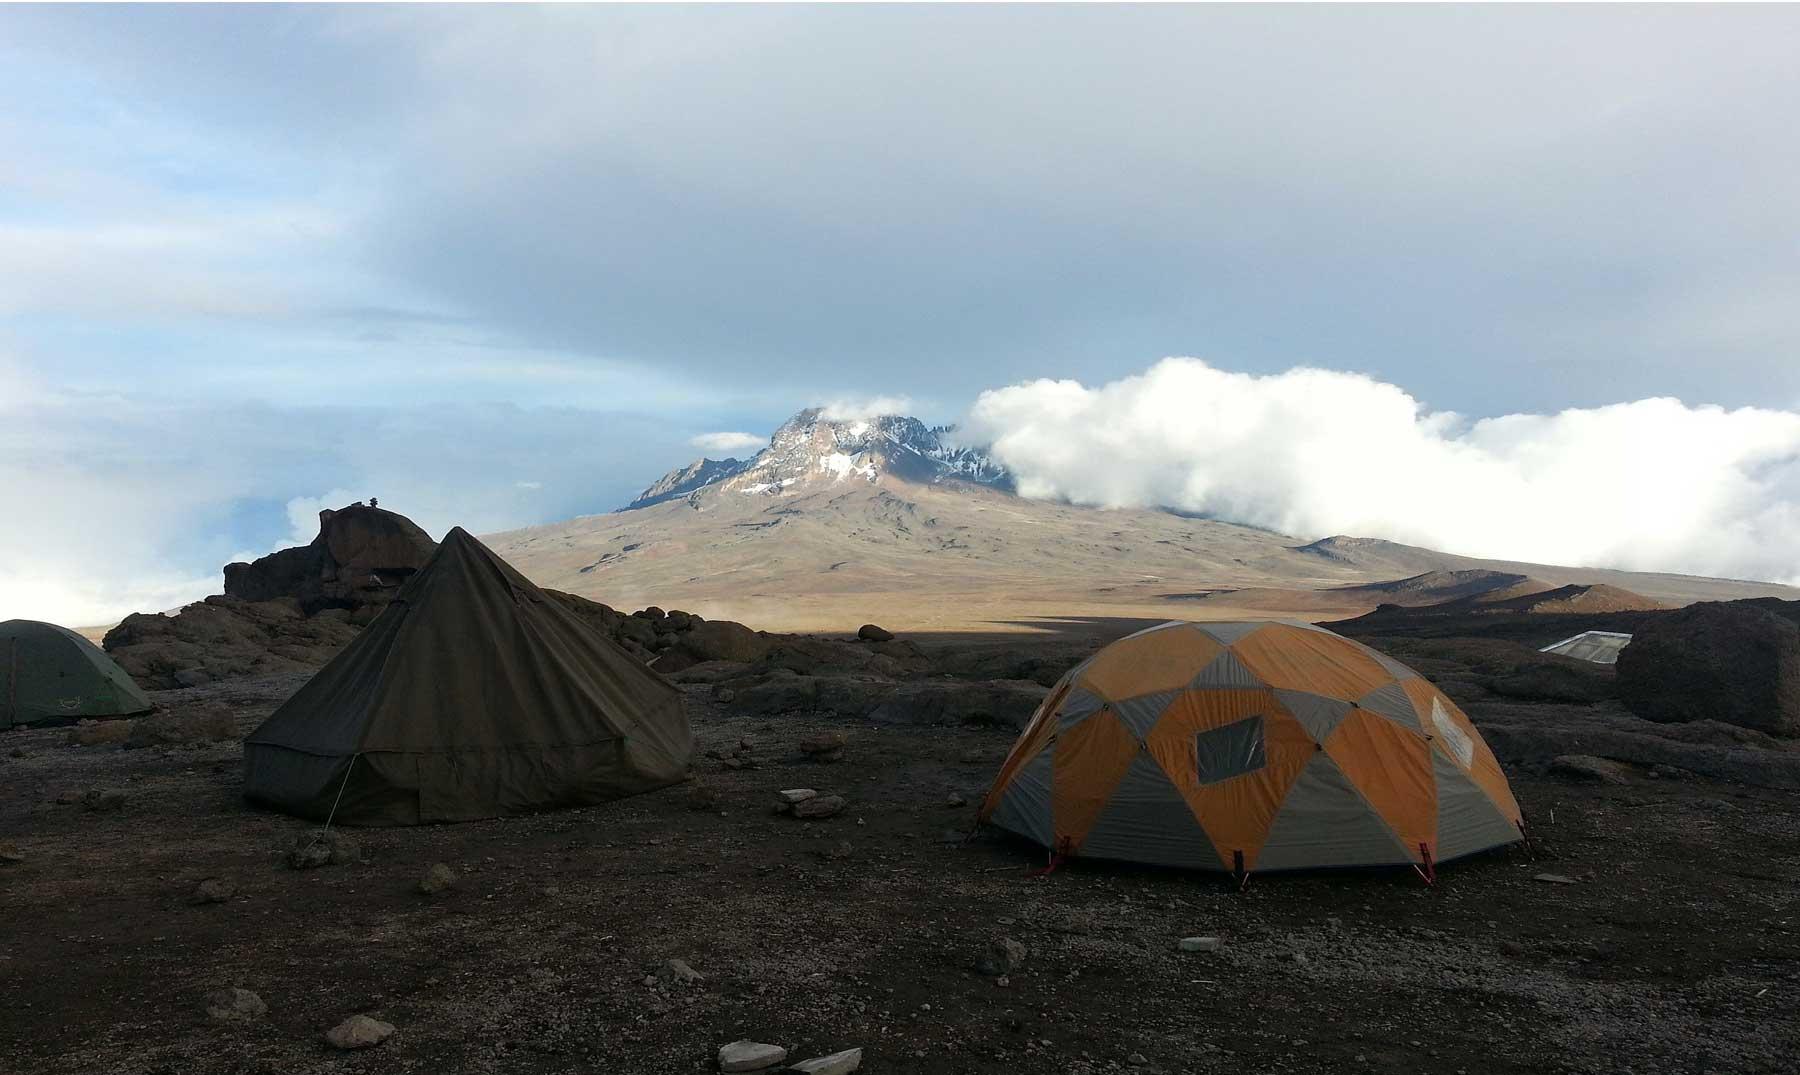 Los 4 volcanes más famosos del planeta